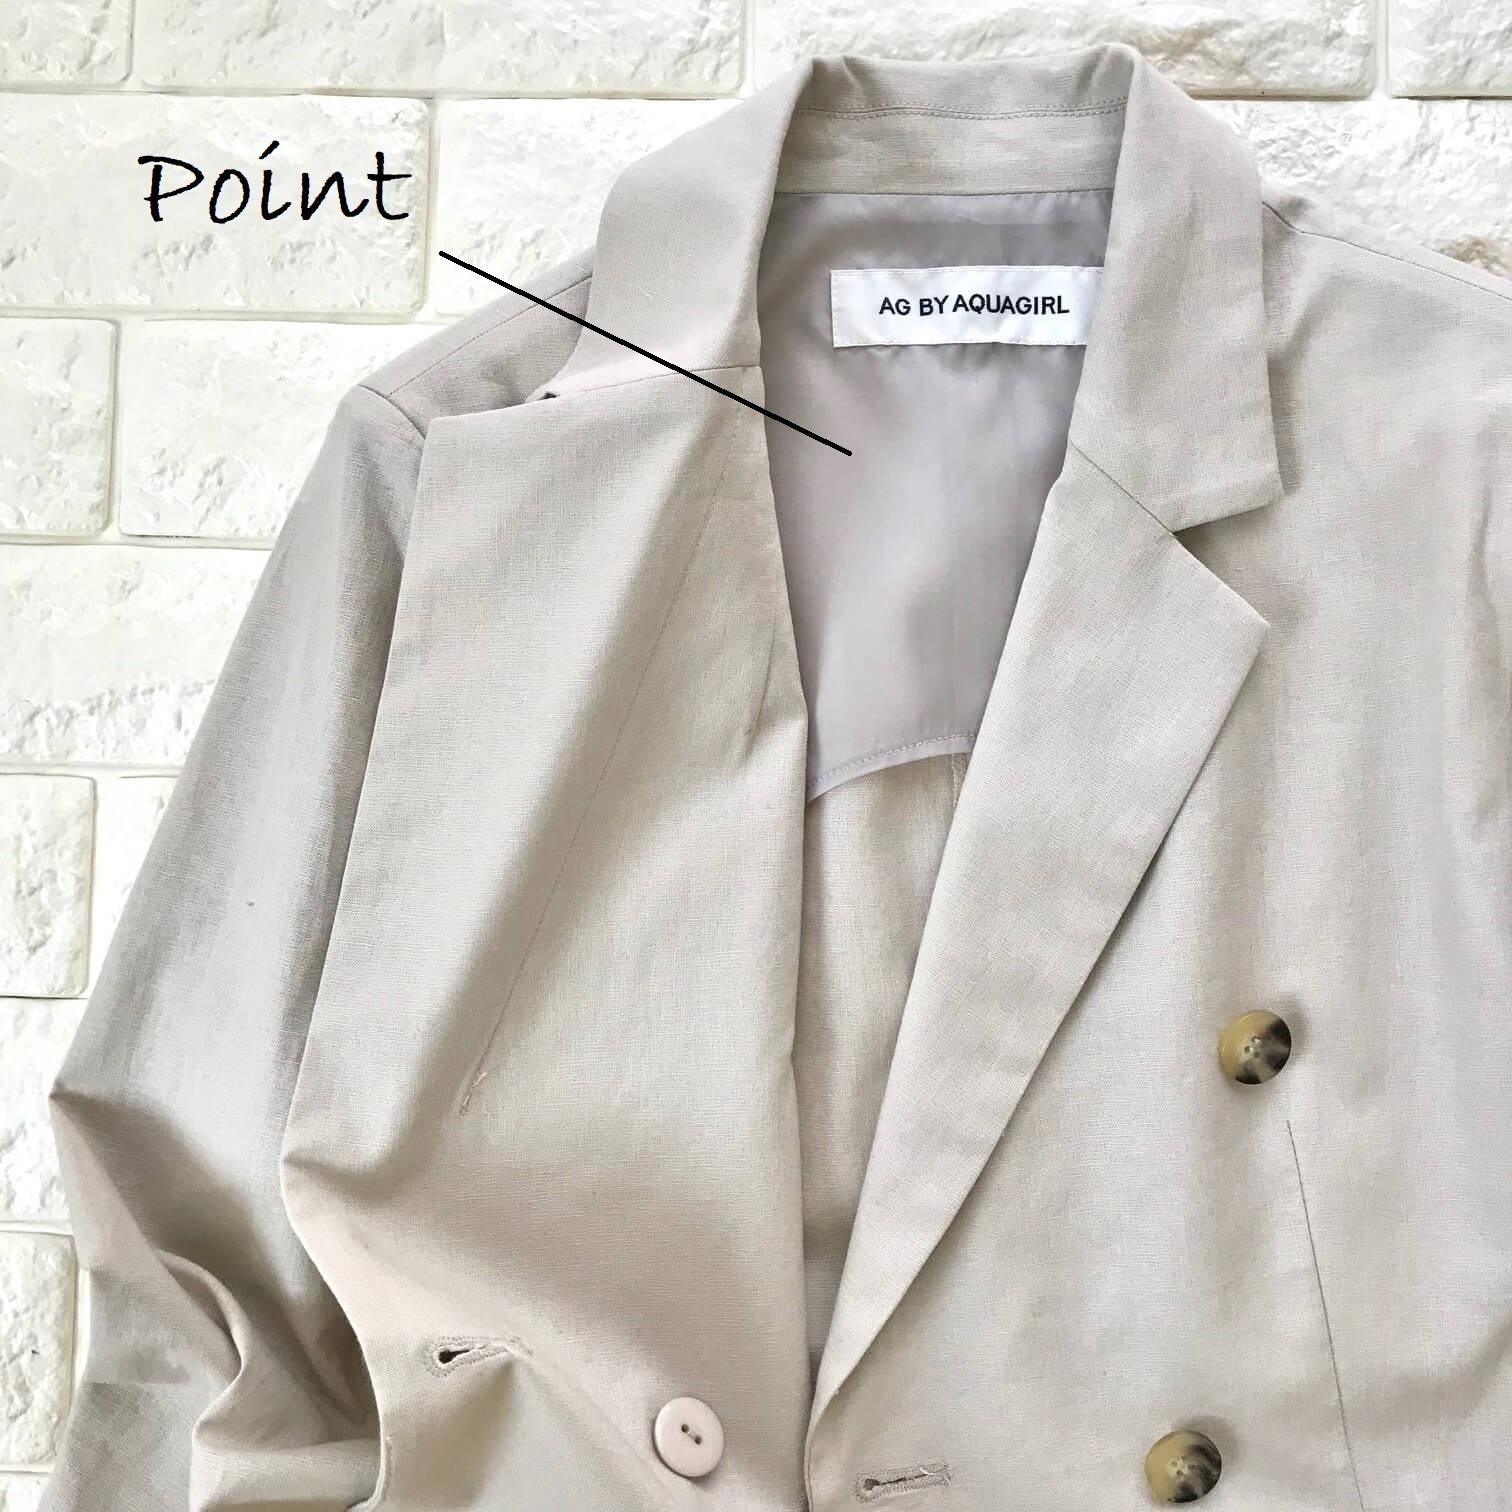 AG by aquagirl のジャケット生地アップ画像